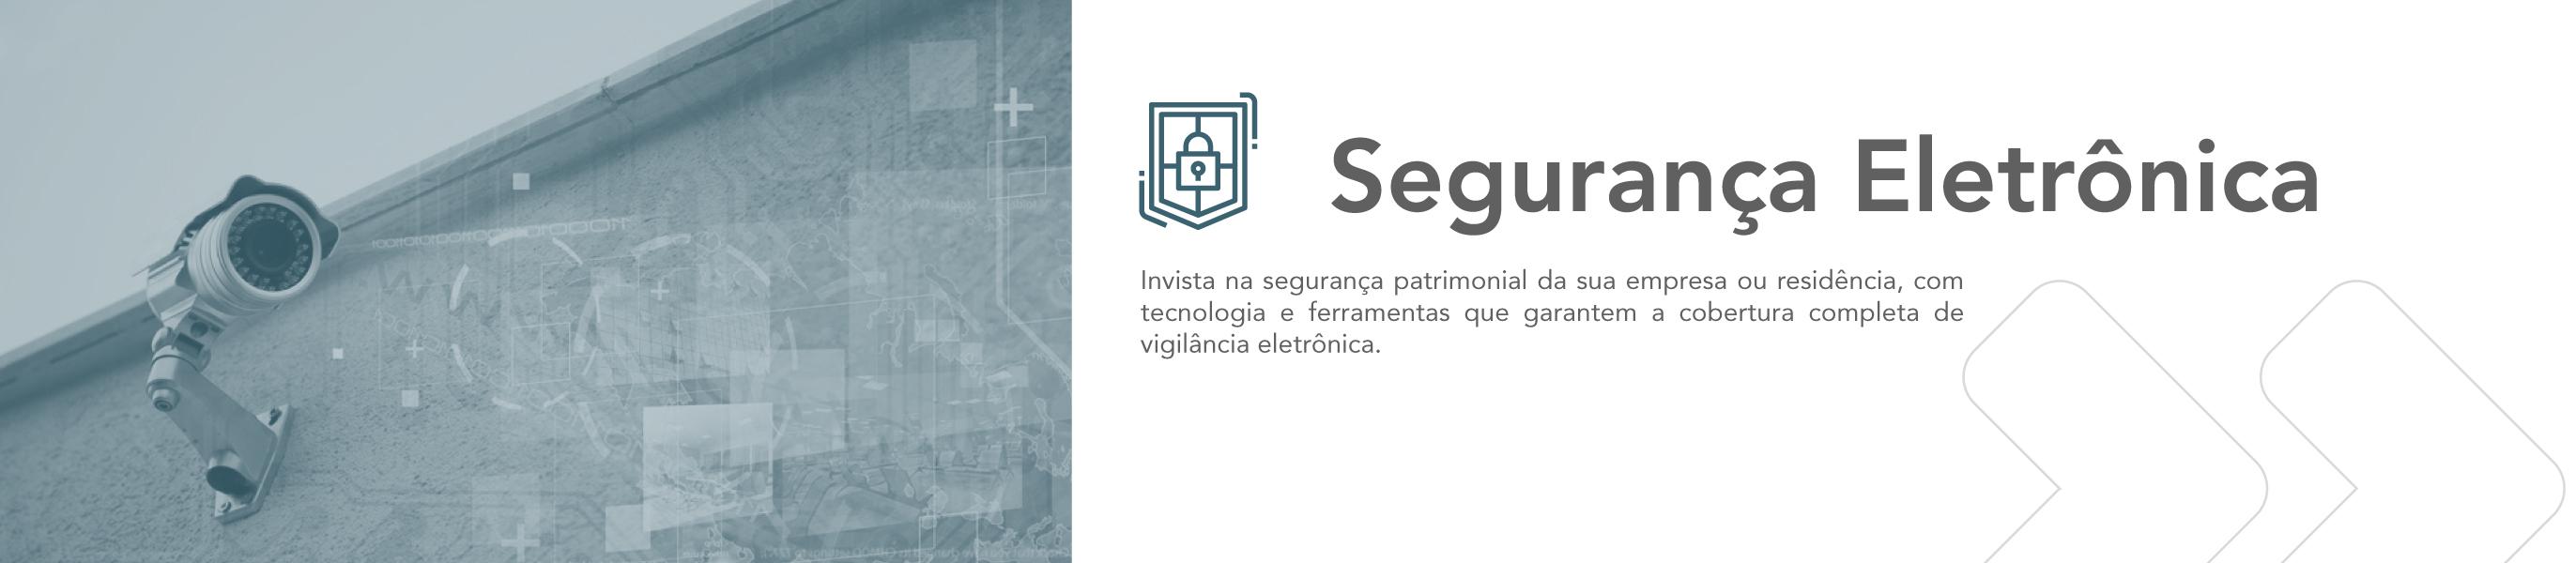 banner Seguranca eletronica